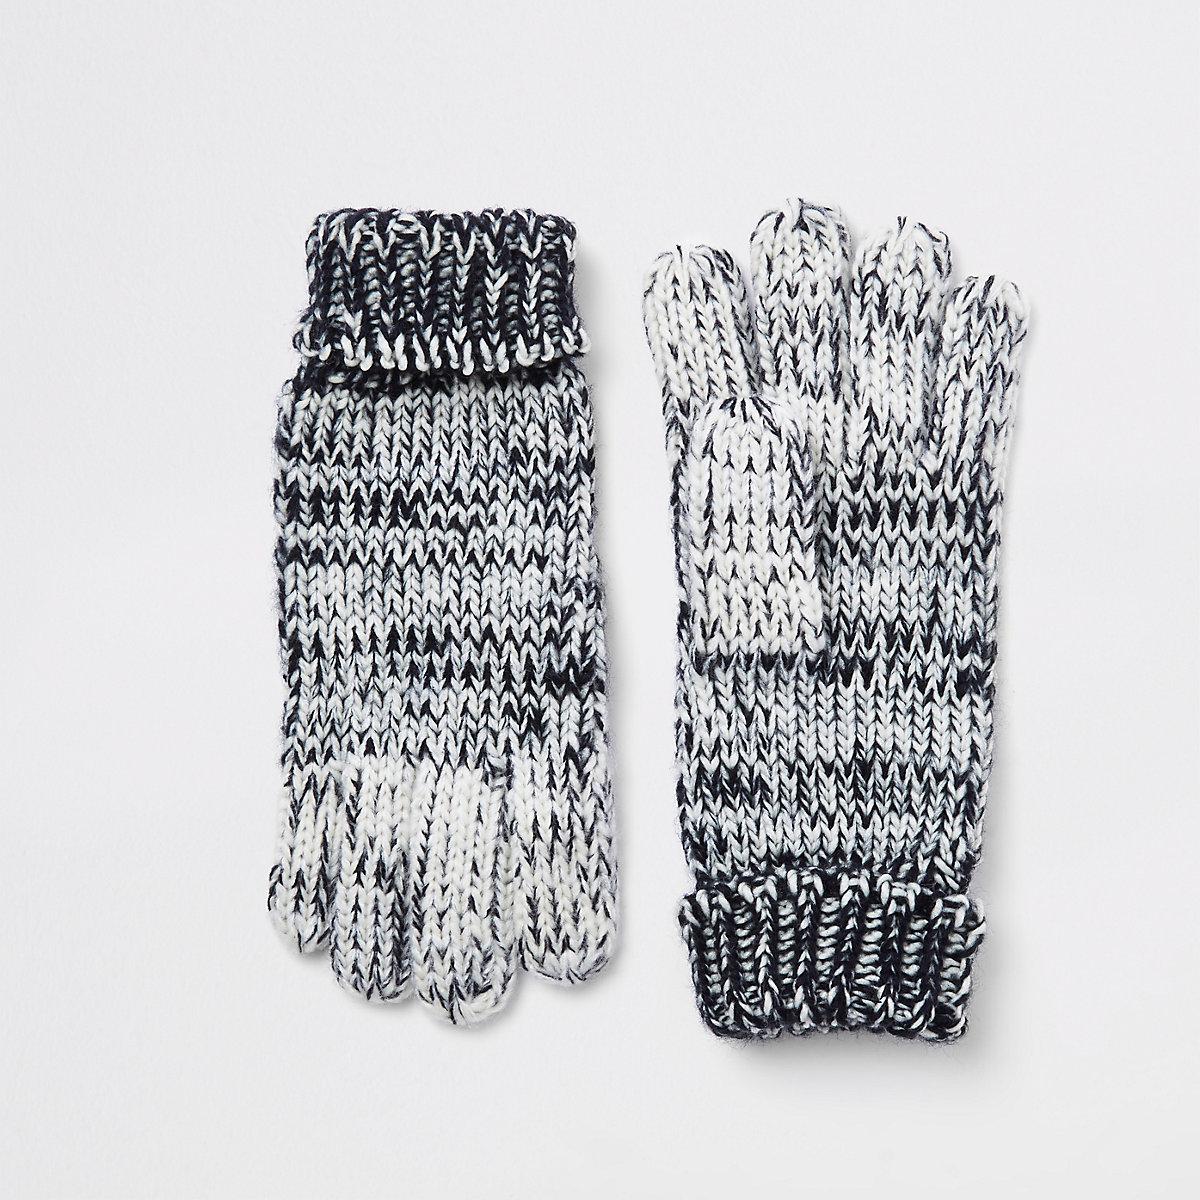 Gants en maille bleu marine en dégradé pour garçon - Écharpes gants ... f1279cf4a8e